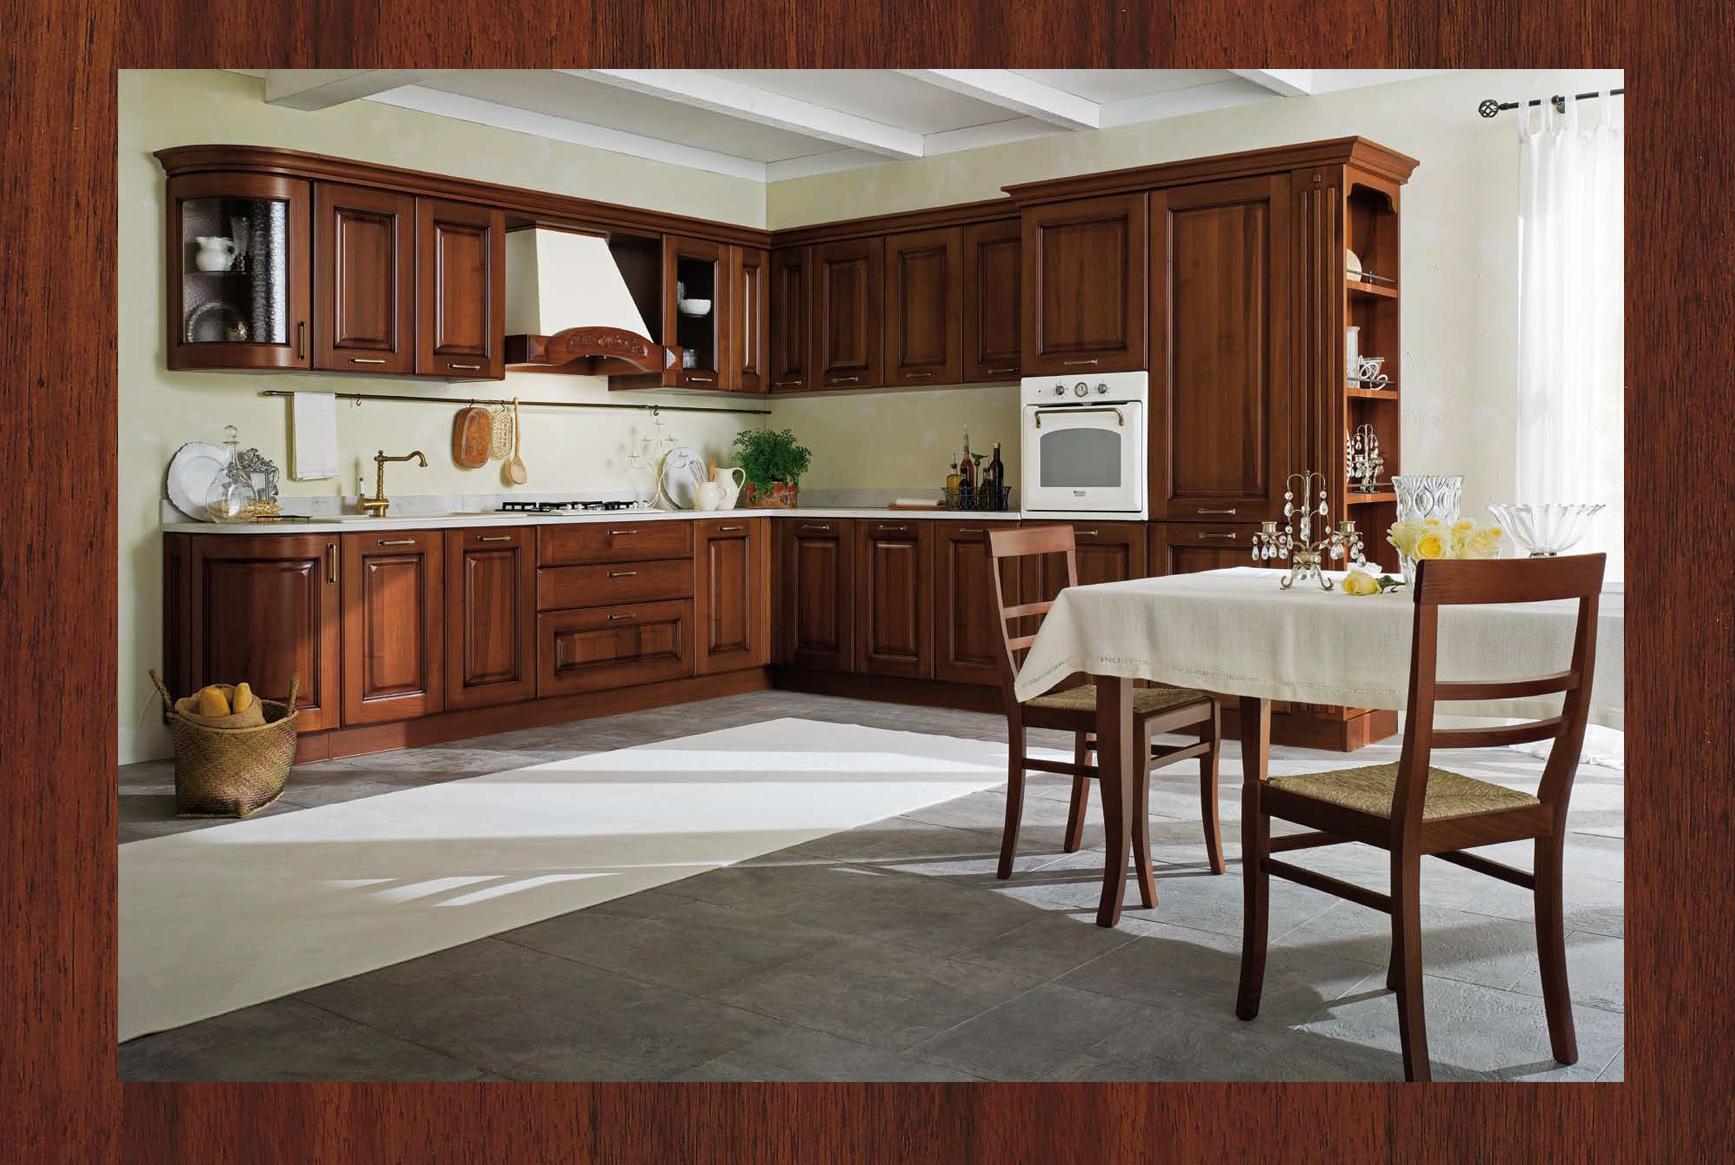 Cucina classica Canova in finitura noce..con ricetta ...